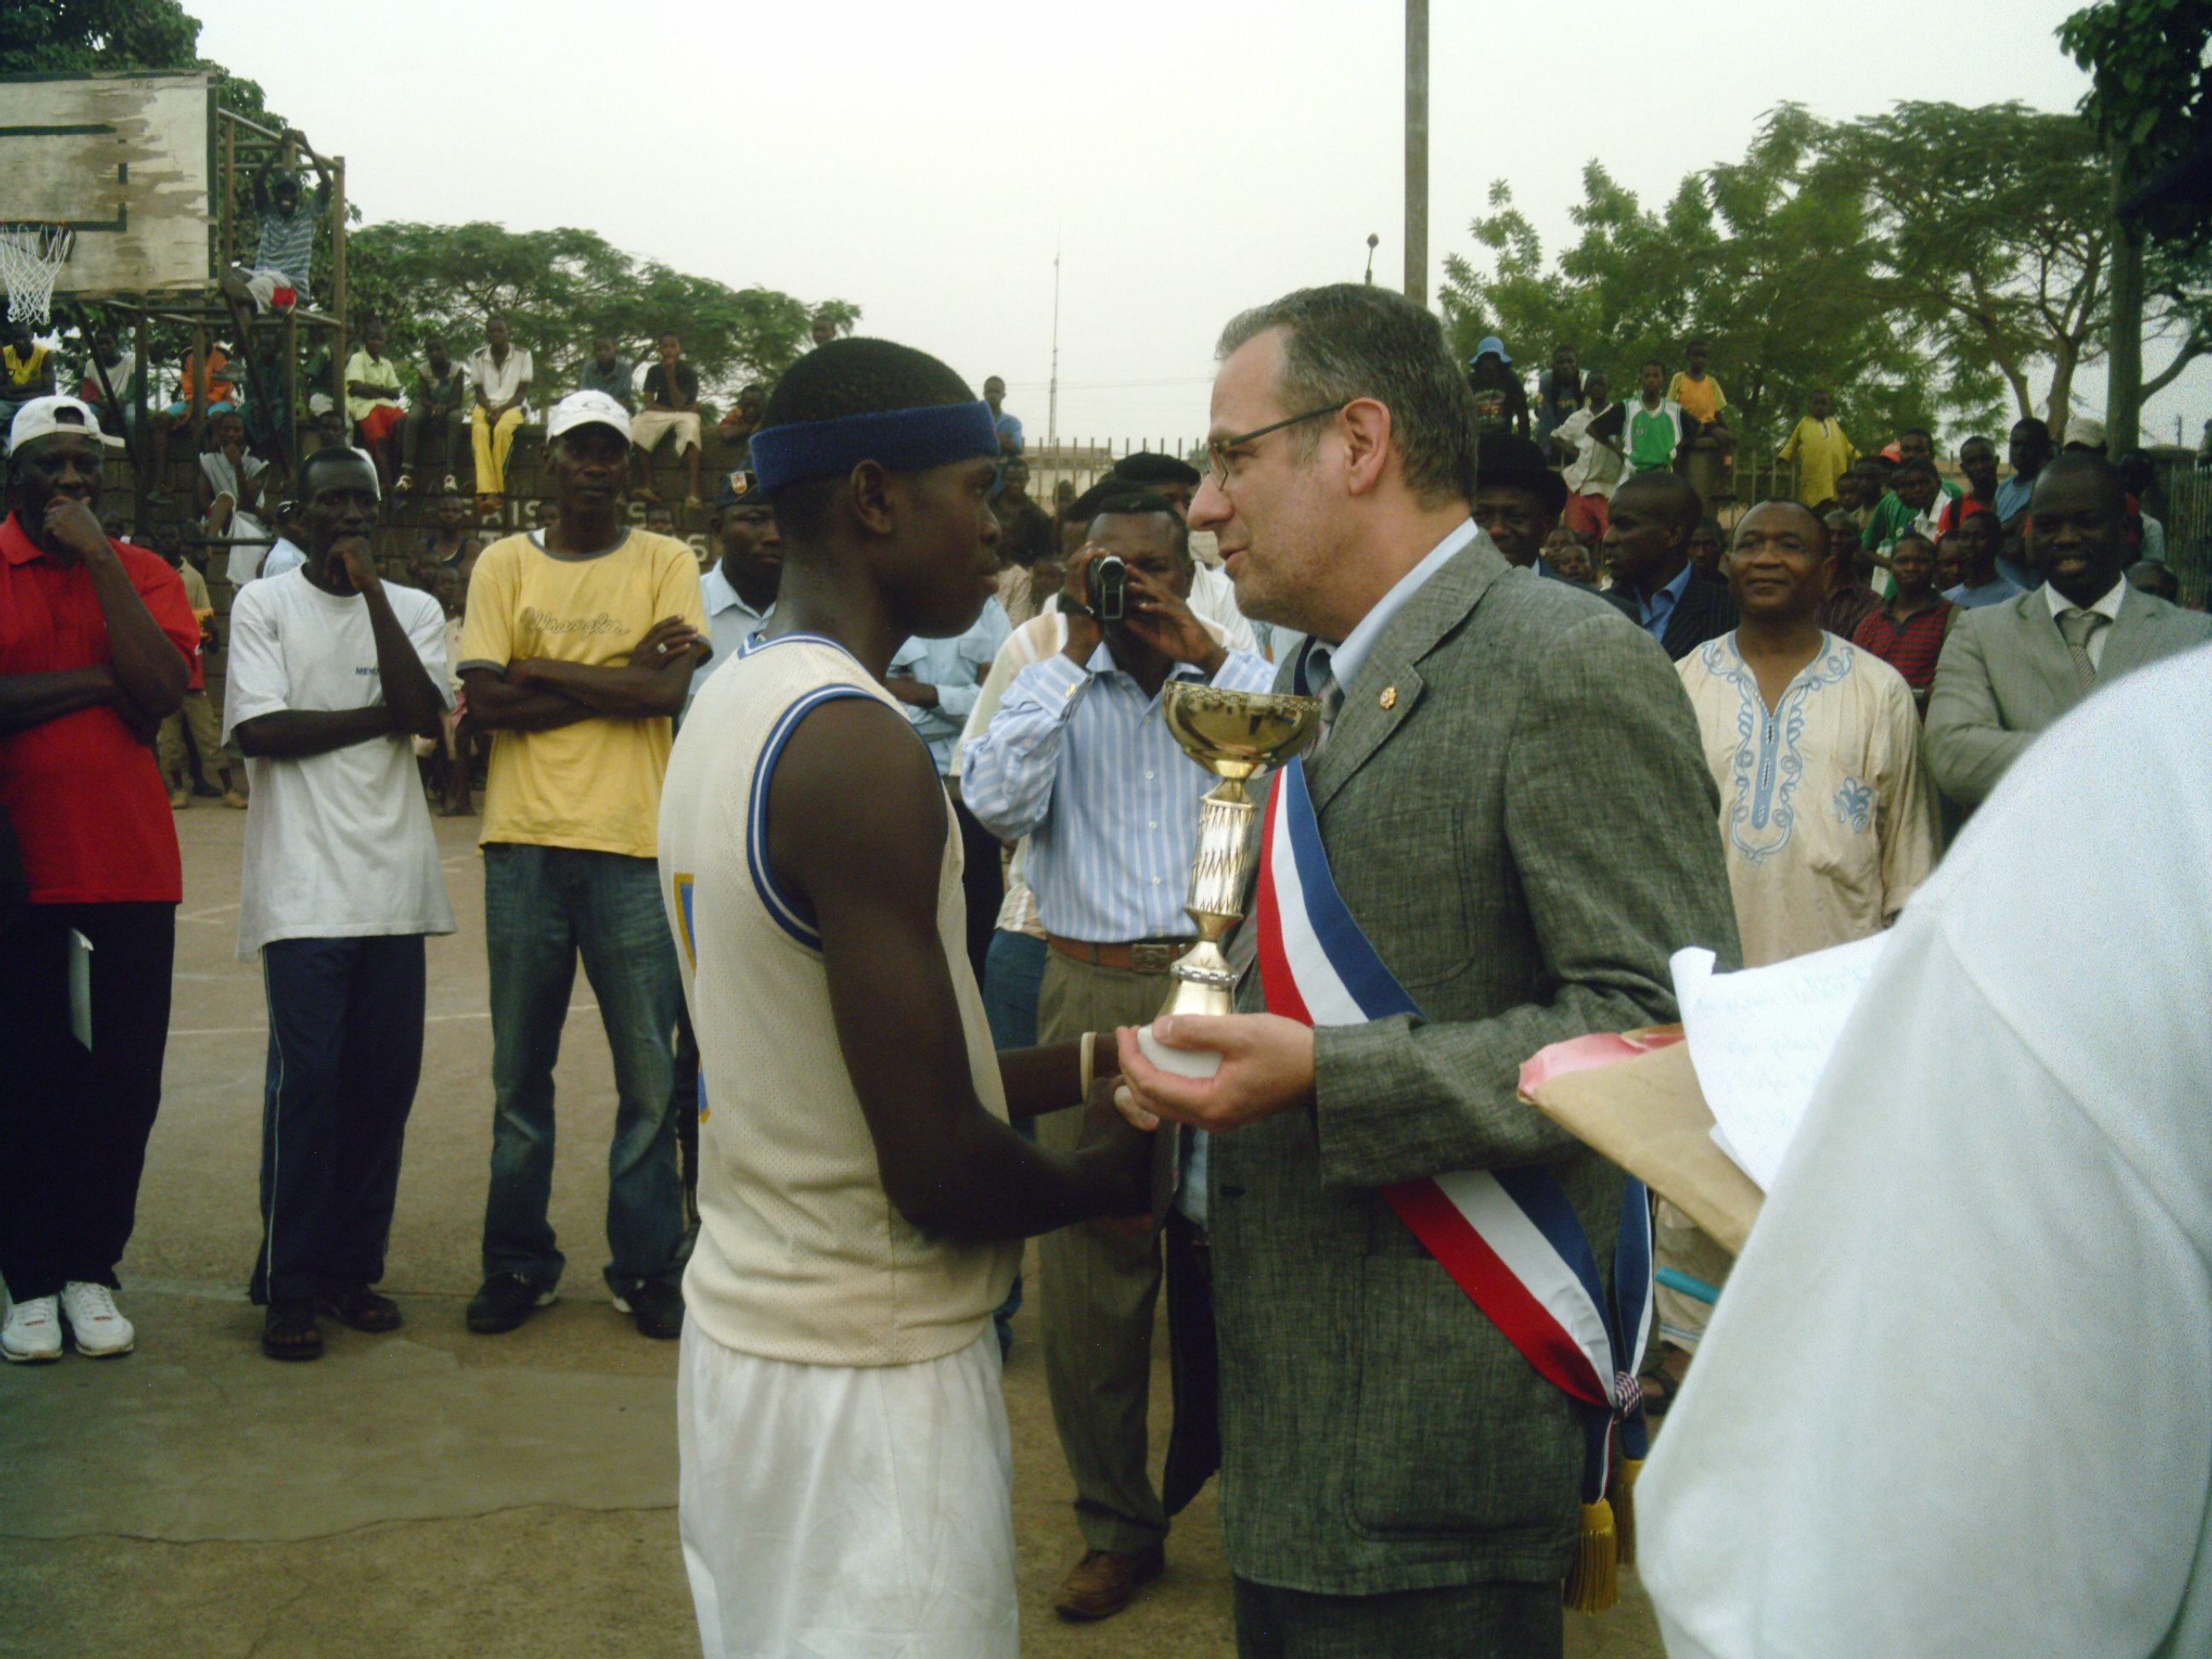 Jean Vincent Valliès et le capitaine de l'équipe ASOPT